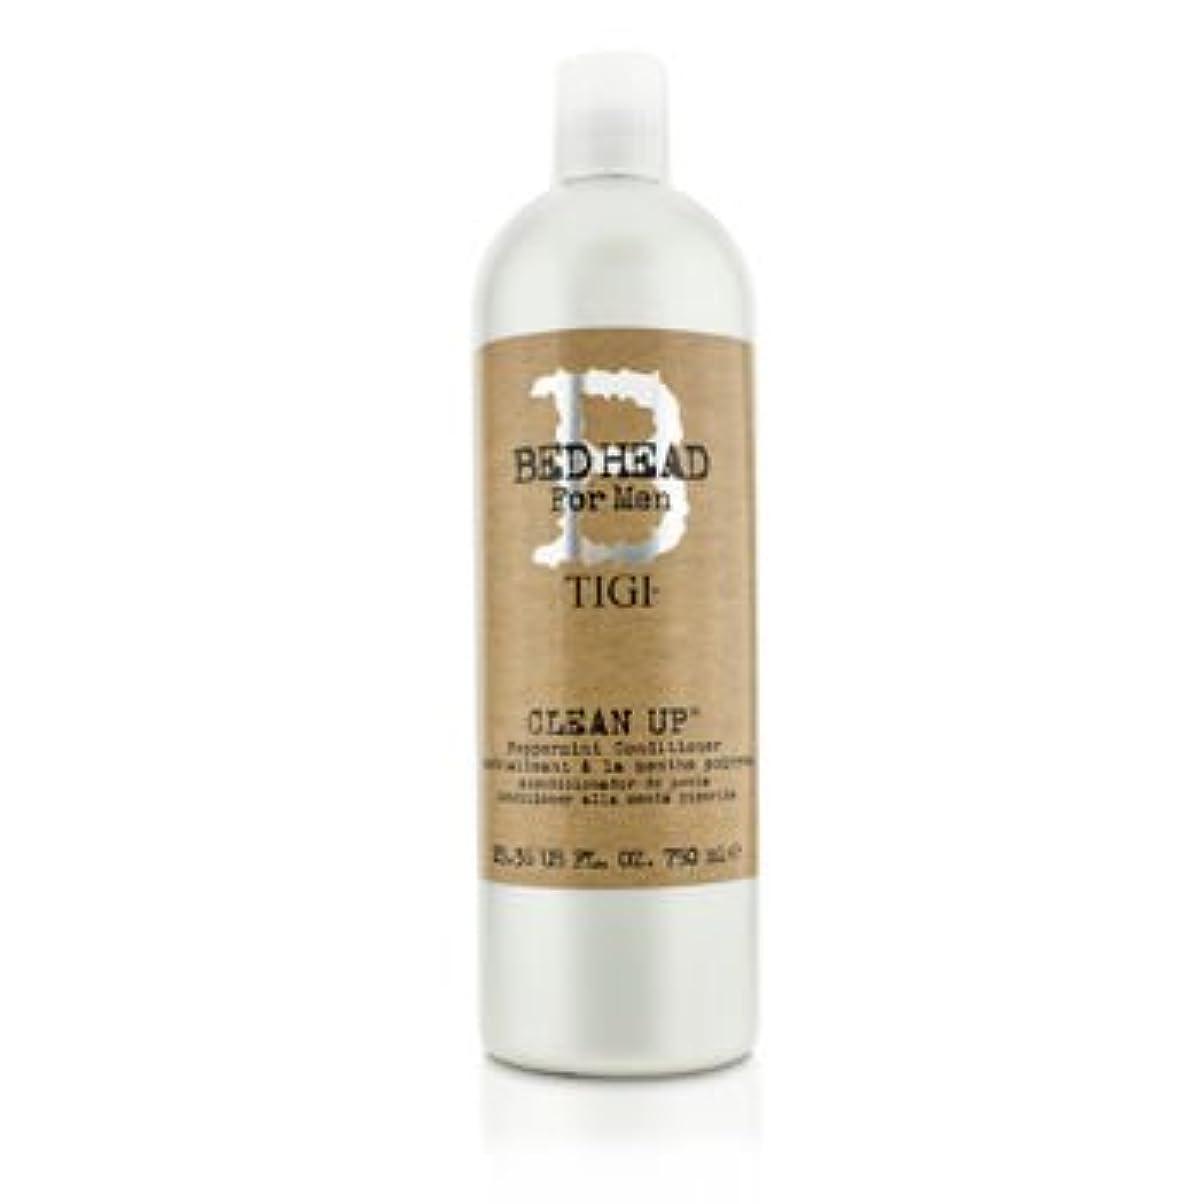 応用愛されし者印象的[Tigi] Bed Head B For Men Clean Up Peppermint Conditioner 750ml/25.36oz